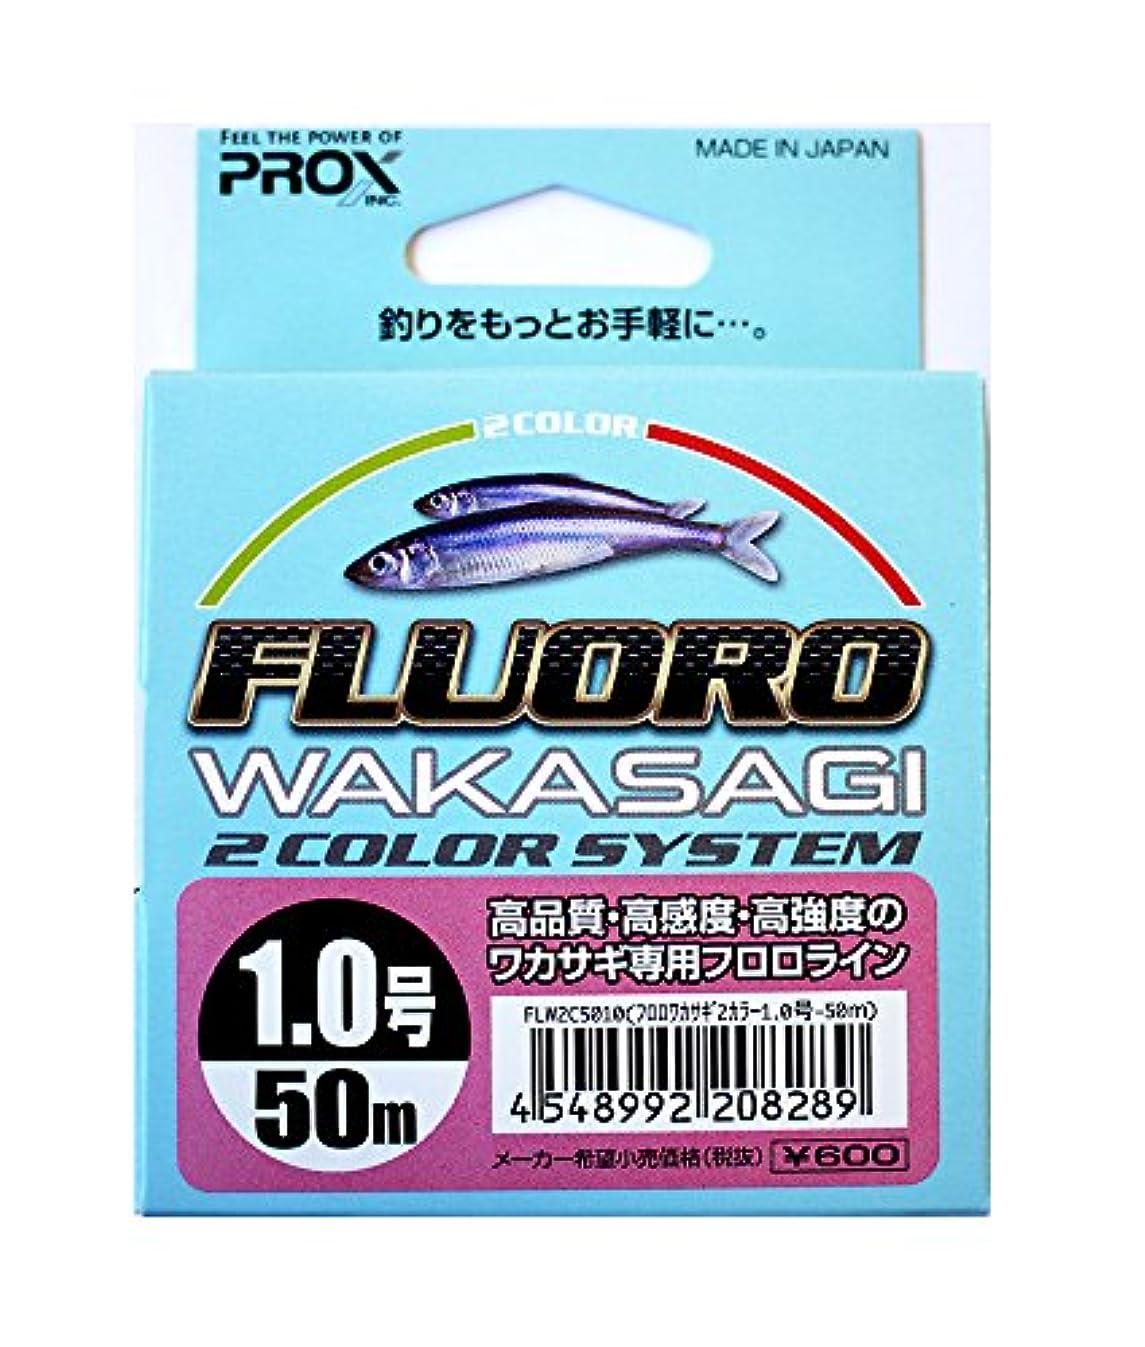 手数料何もない違反プロックス(PROX) フロロカーボンライン フロロワカサギ 50m 1.0号 2.16kg 2カラー FLW2C5010